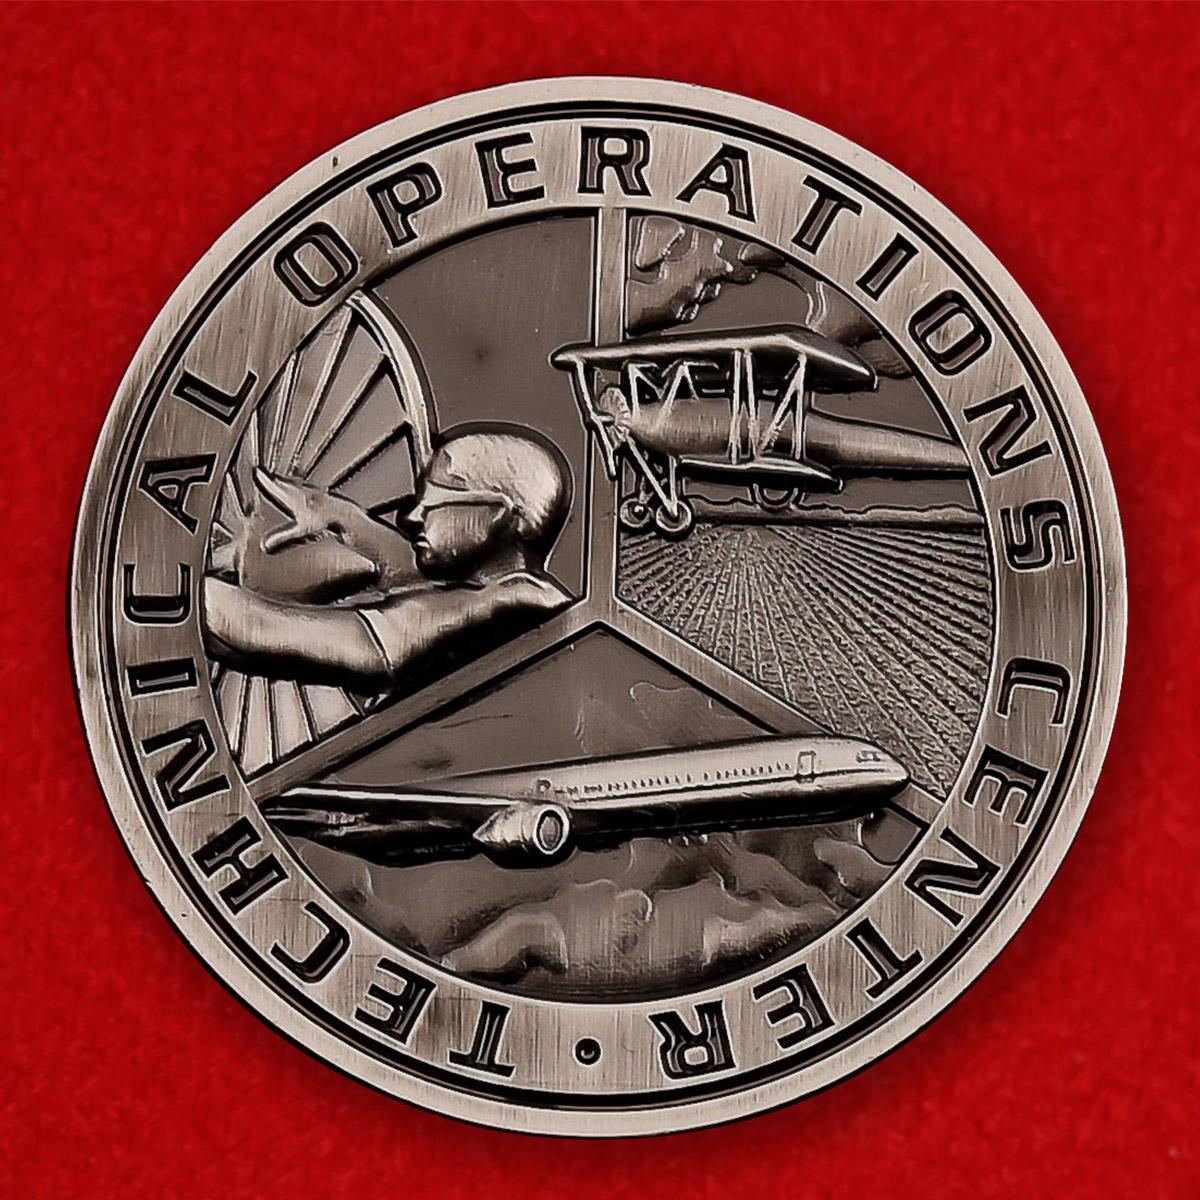 """Памятная монета """"Центр технического обслуживания и ремонта гражданских самолетов"""""""